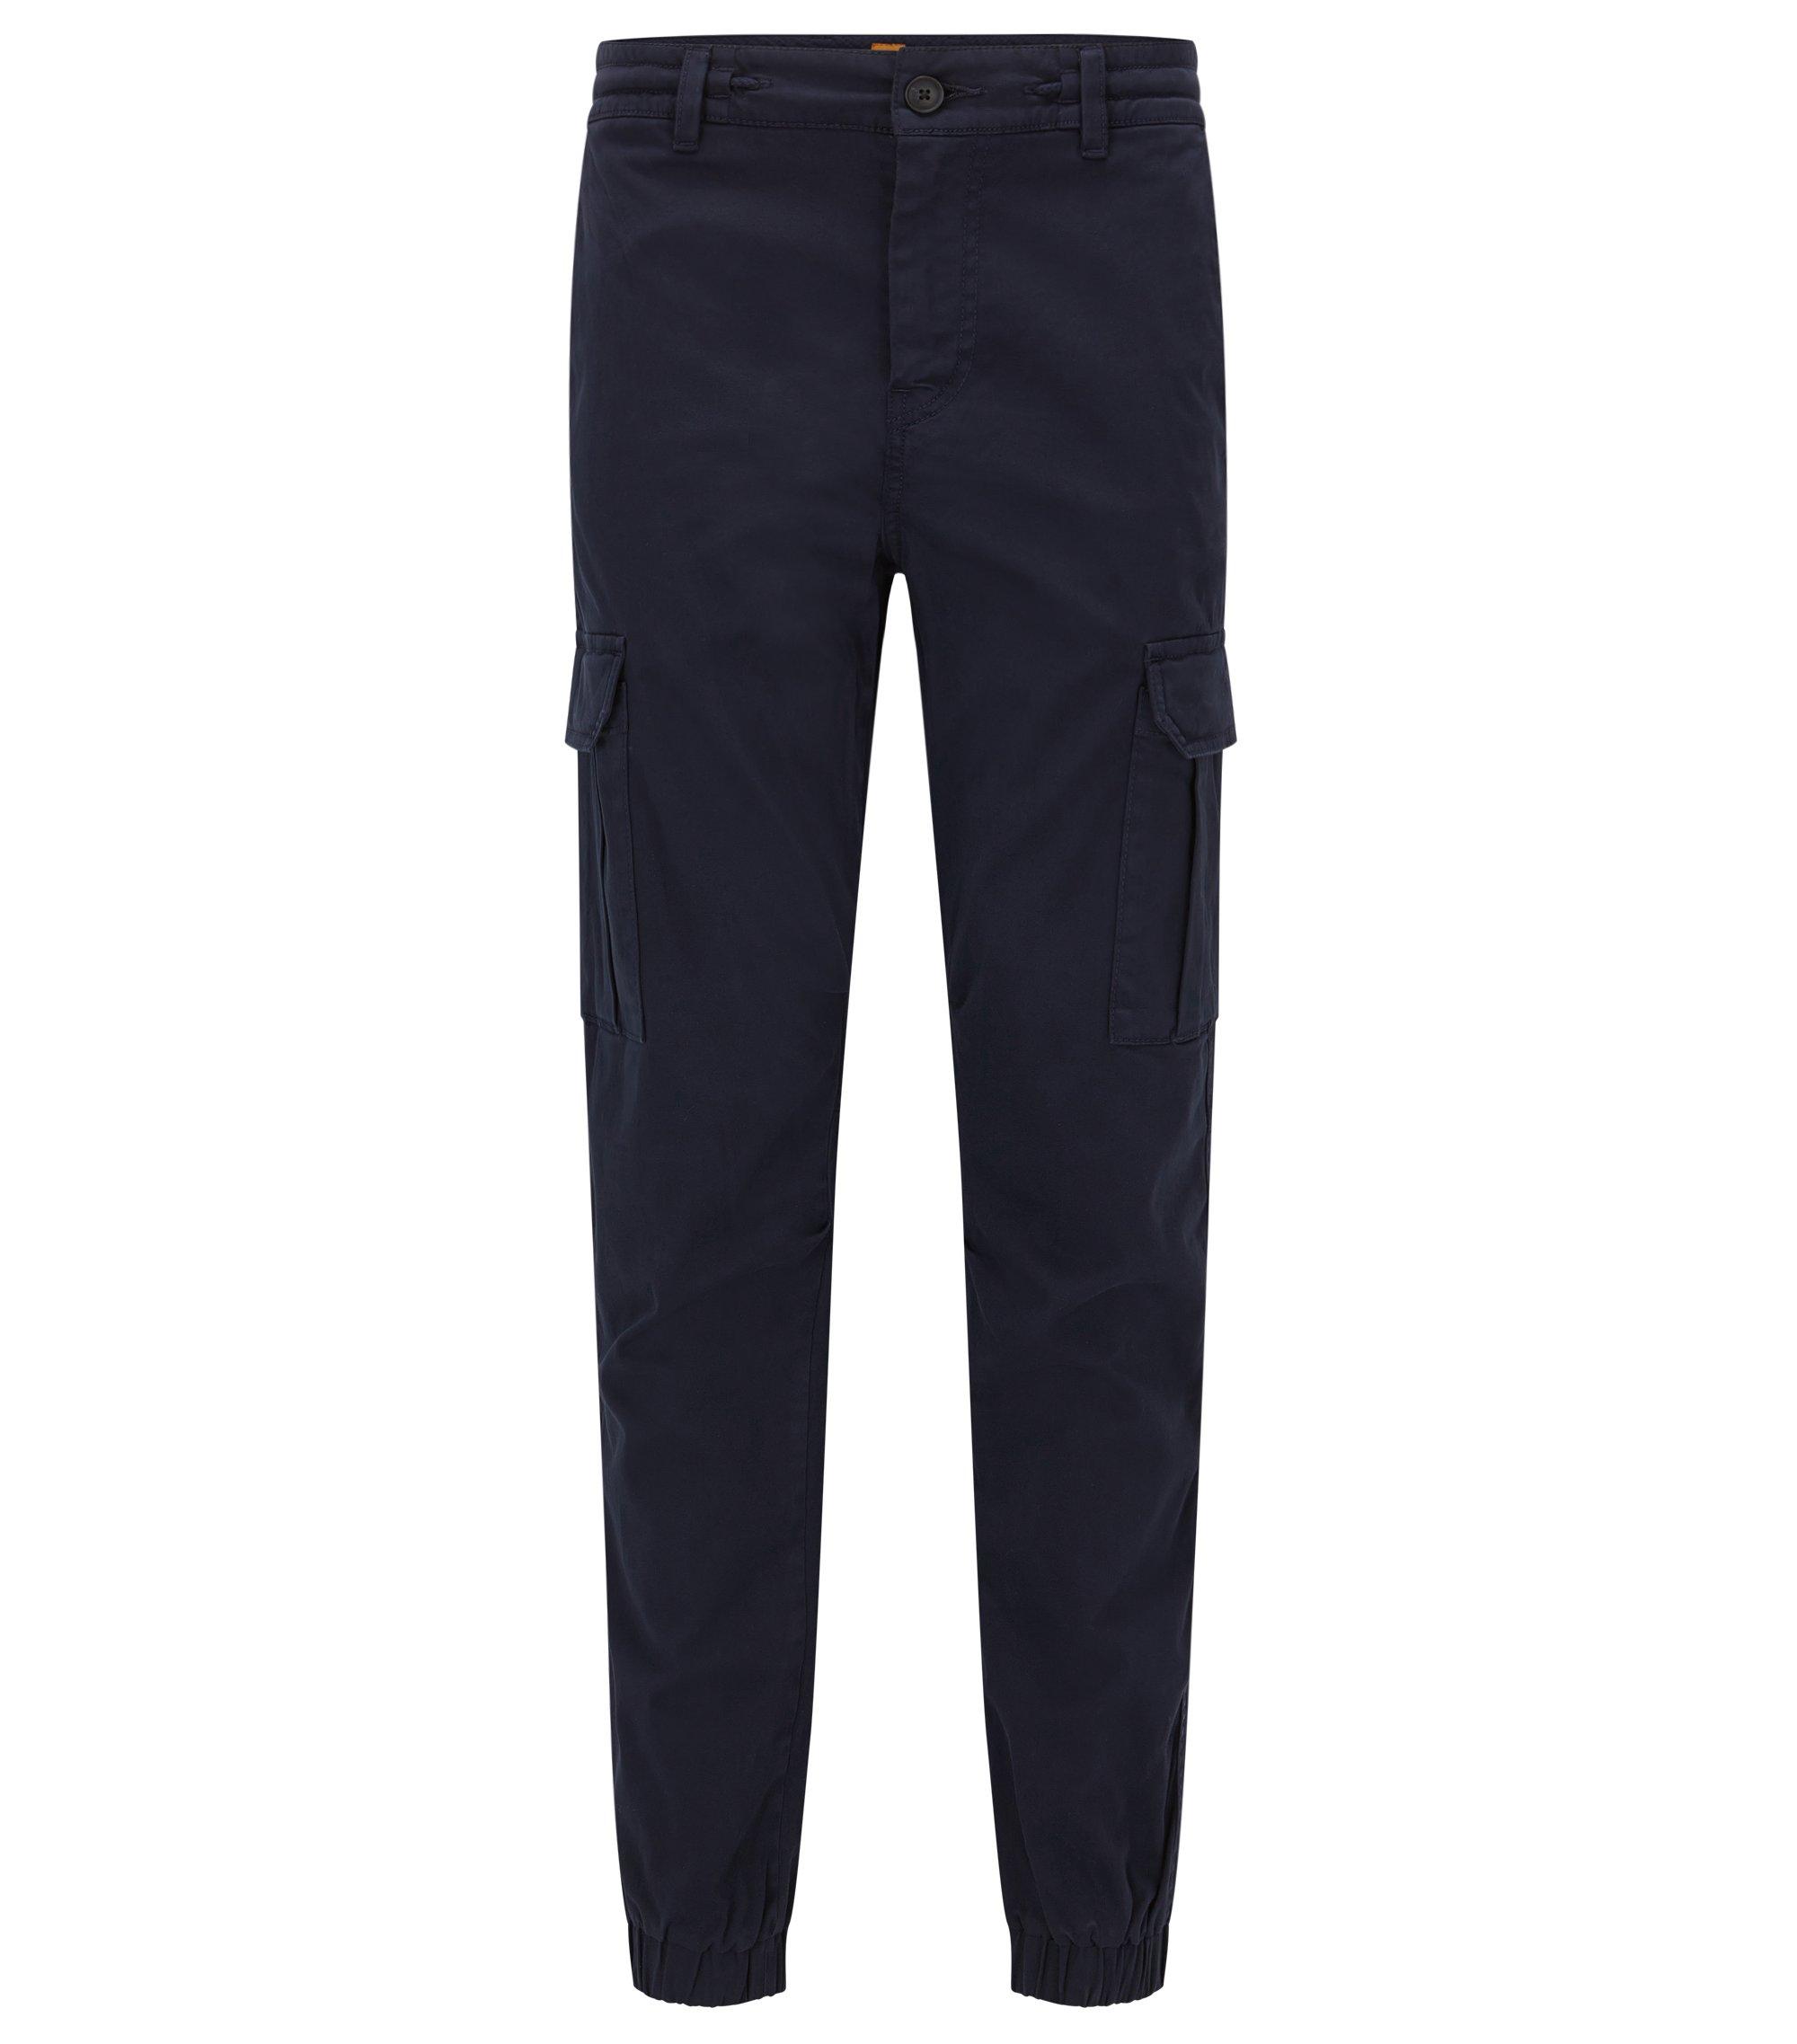 Pantalones cargo tapered fit en algodón elástico, Azul oscuro